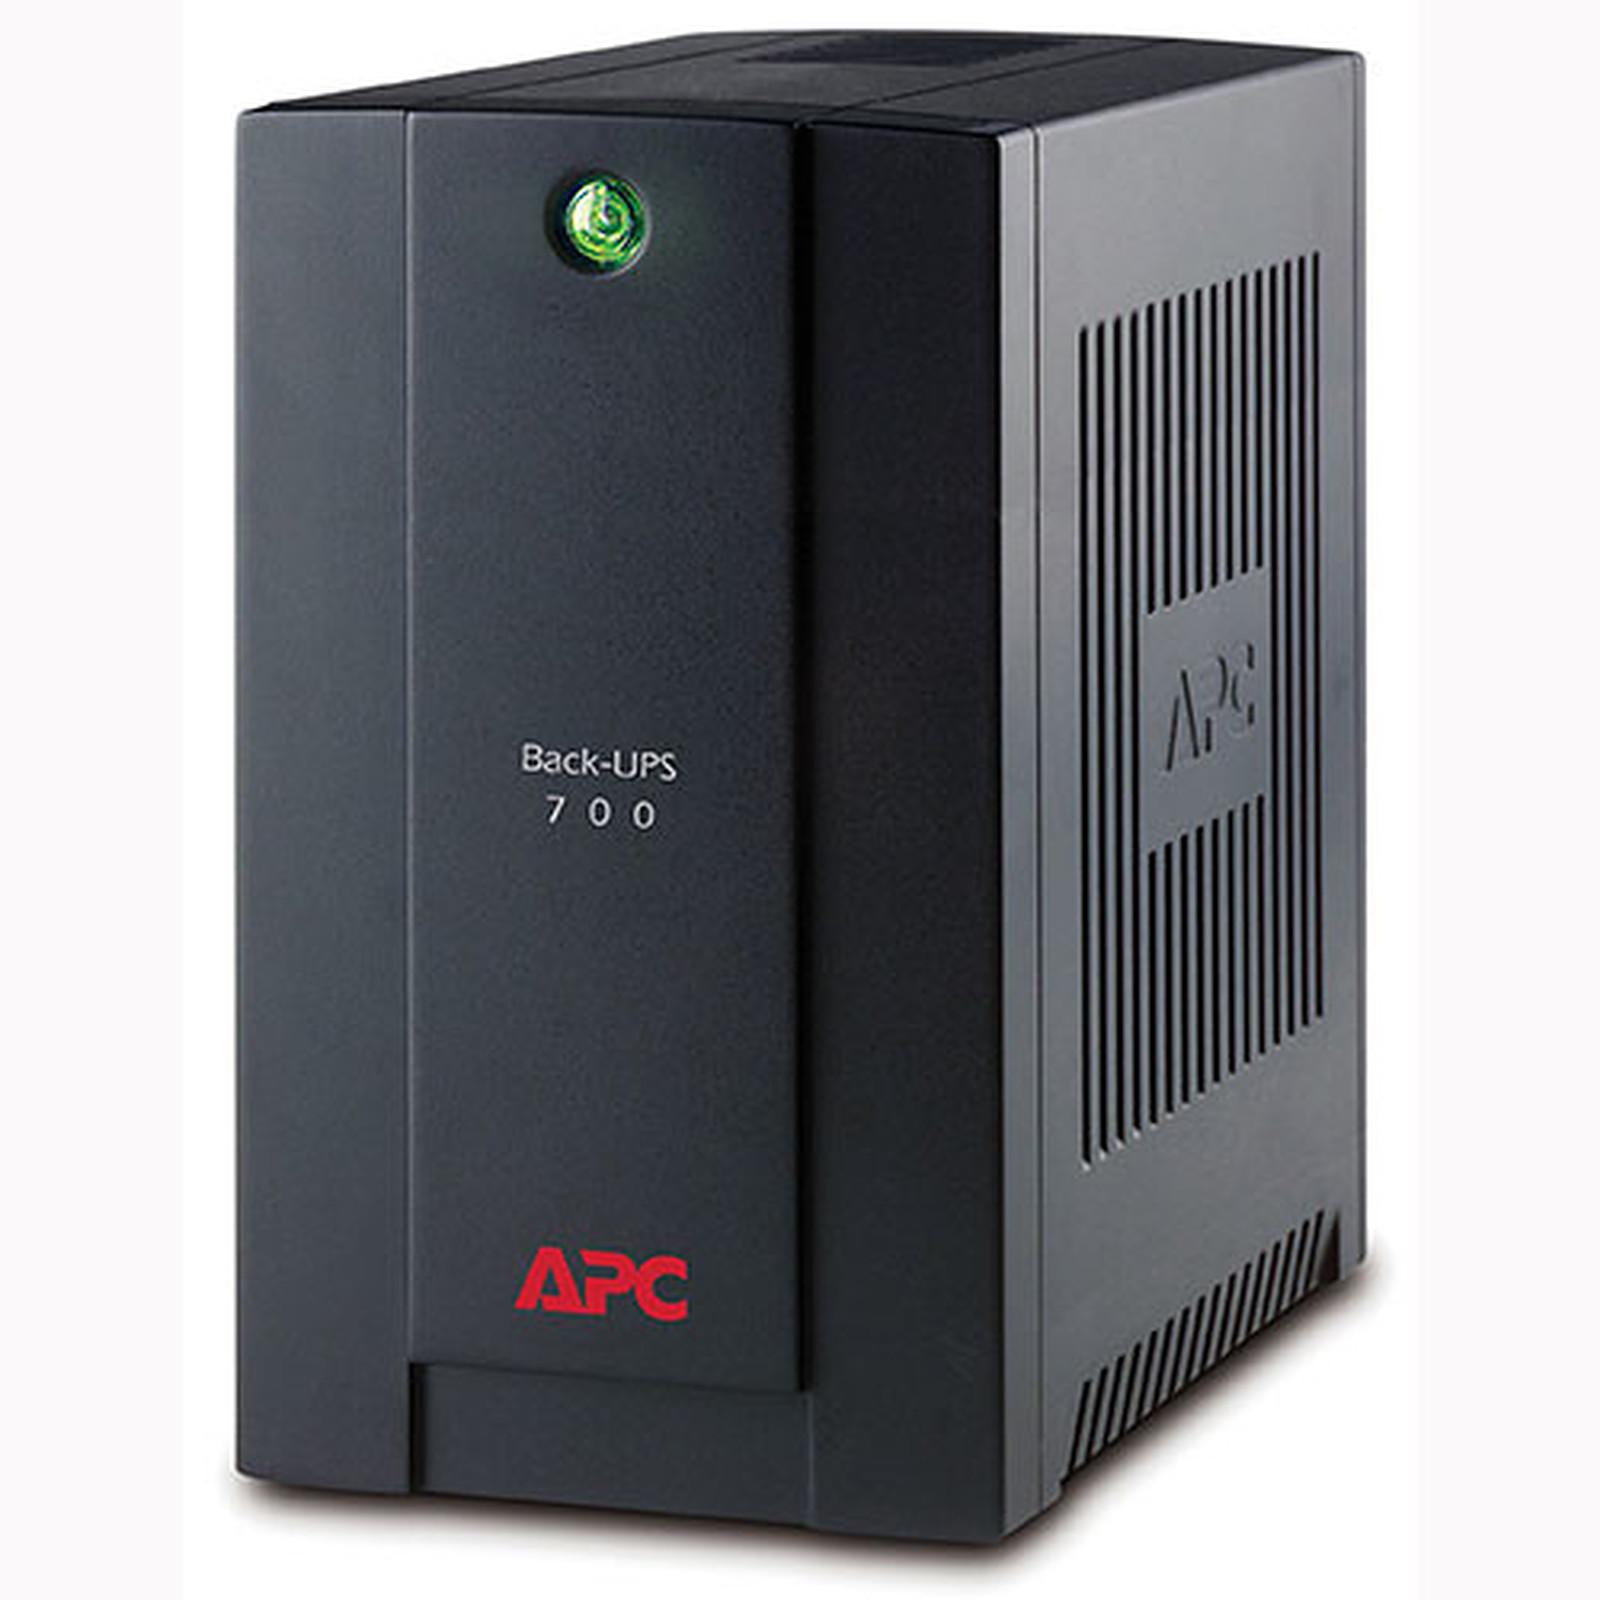 APC Back-UPS 700VA IEC